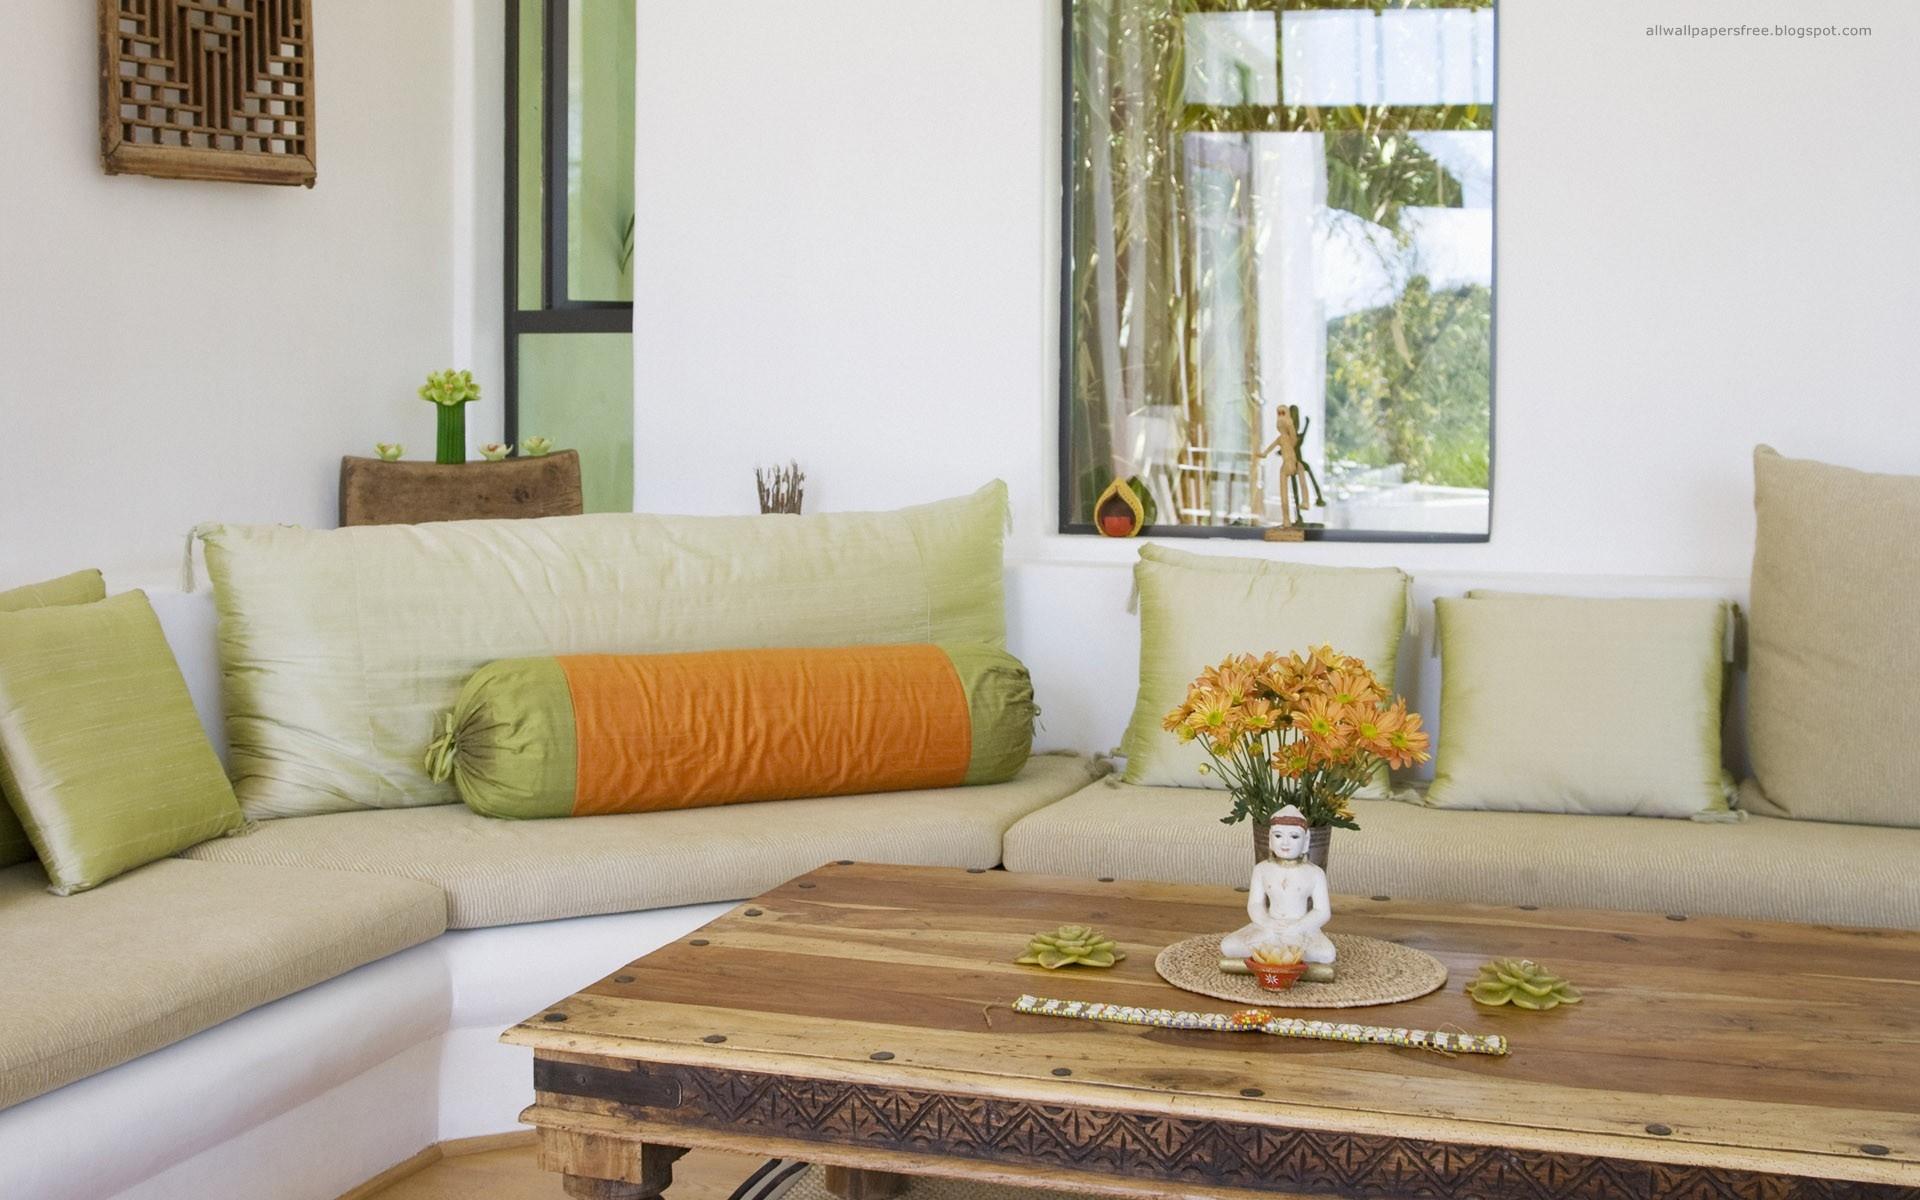 Cuscini Per Divani Design Originale.Sfondi Camera Tavolo Interior Design Cottage Tenuta Divano